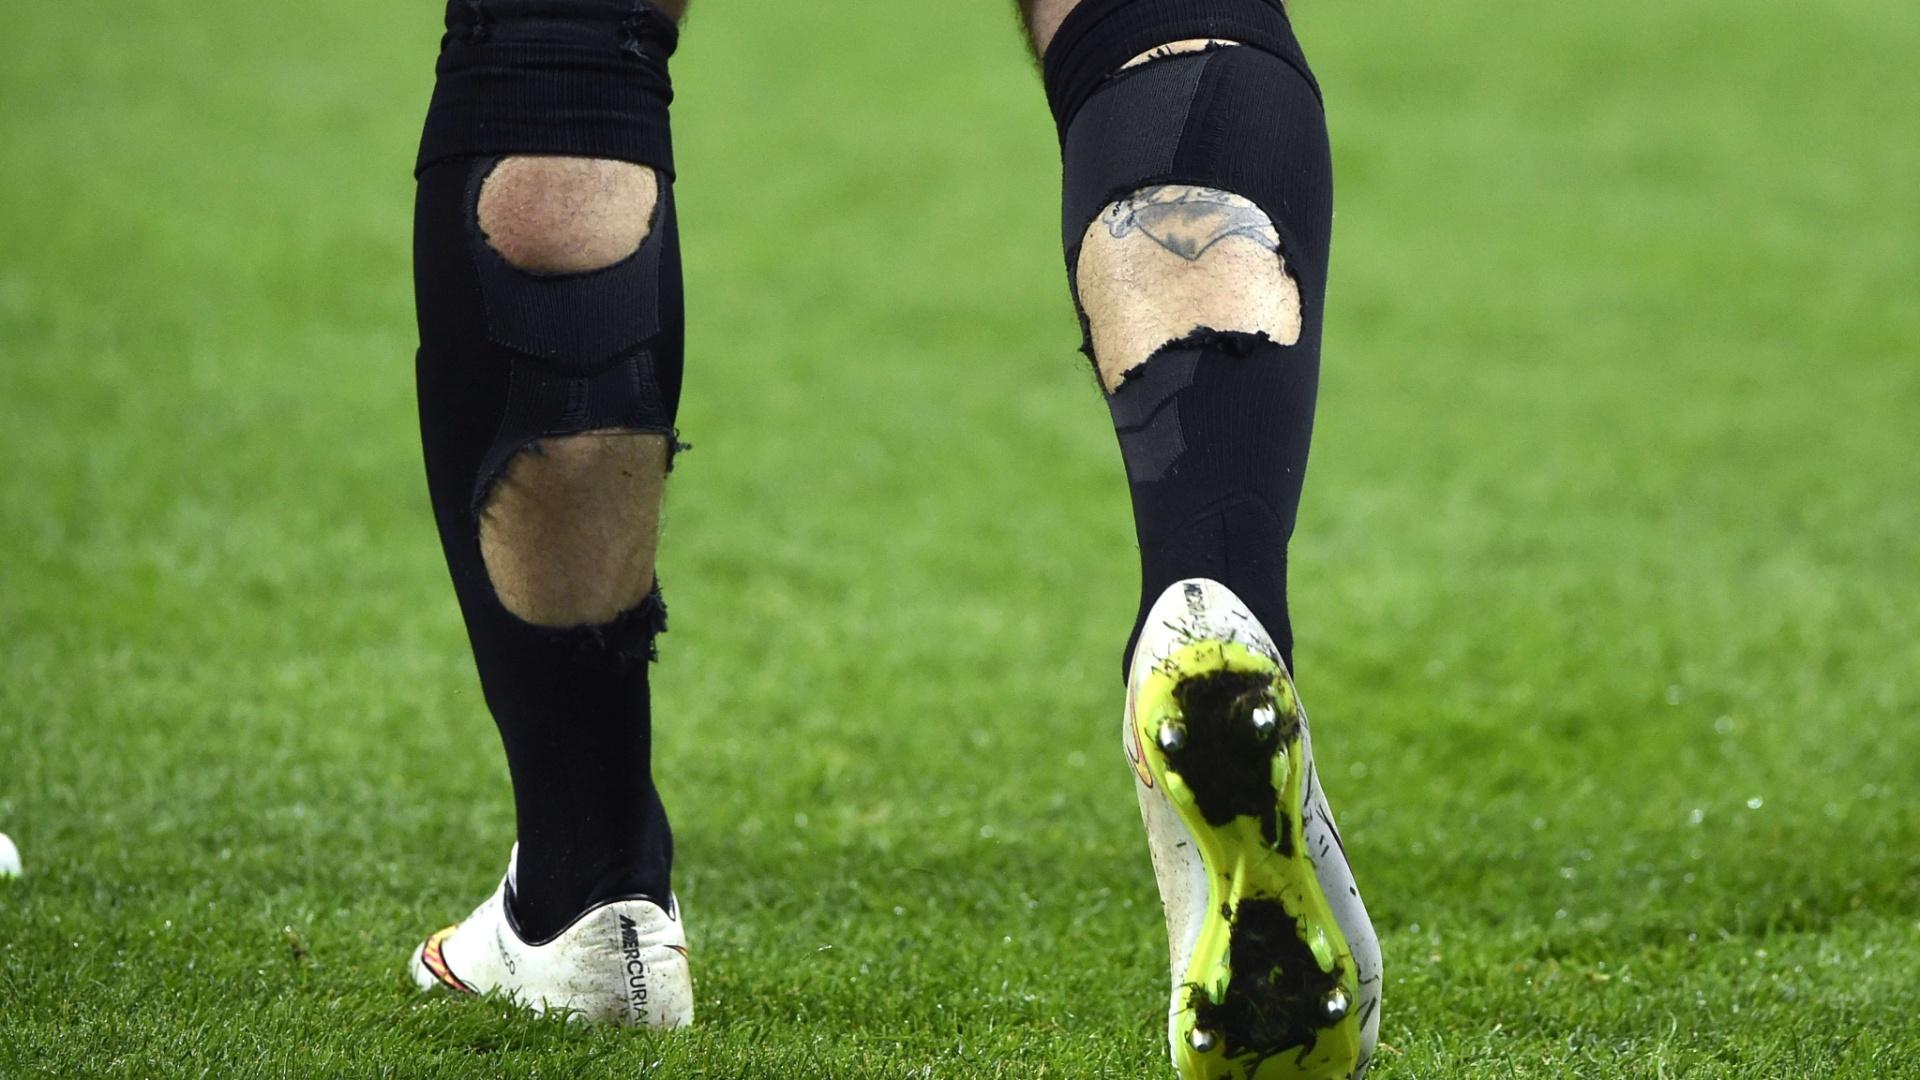 O zagueiro Davide Santon teve seus dois meiões rasgados durante o jogo contra a Fiorentina